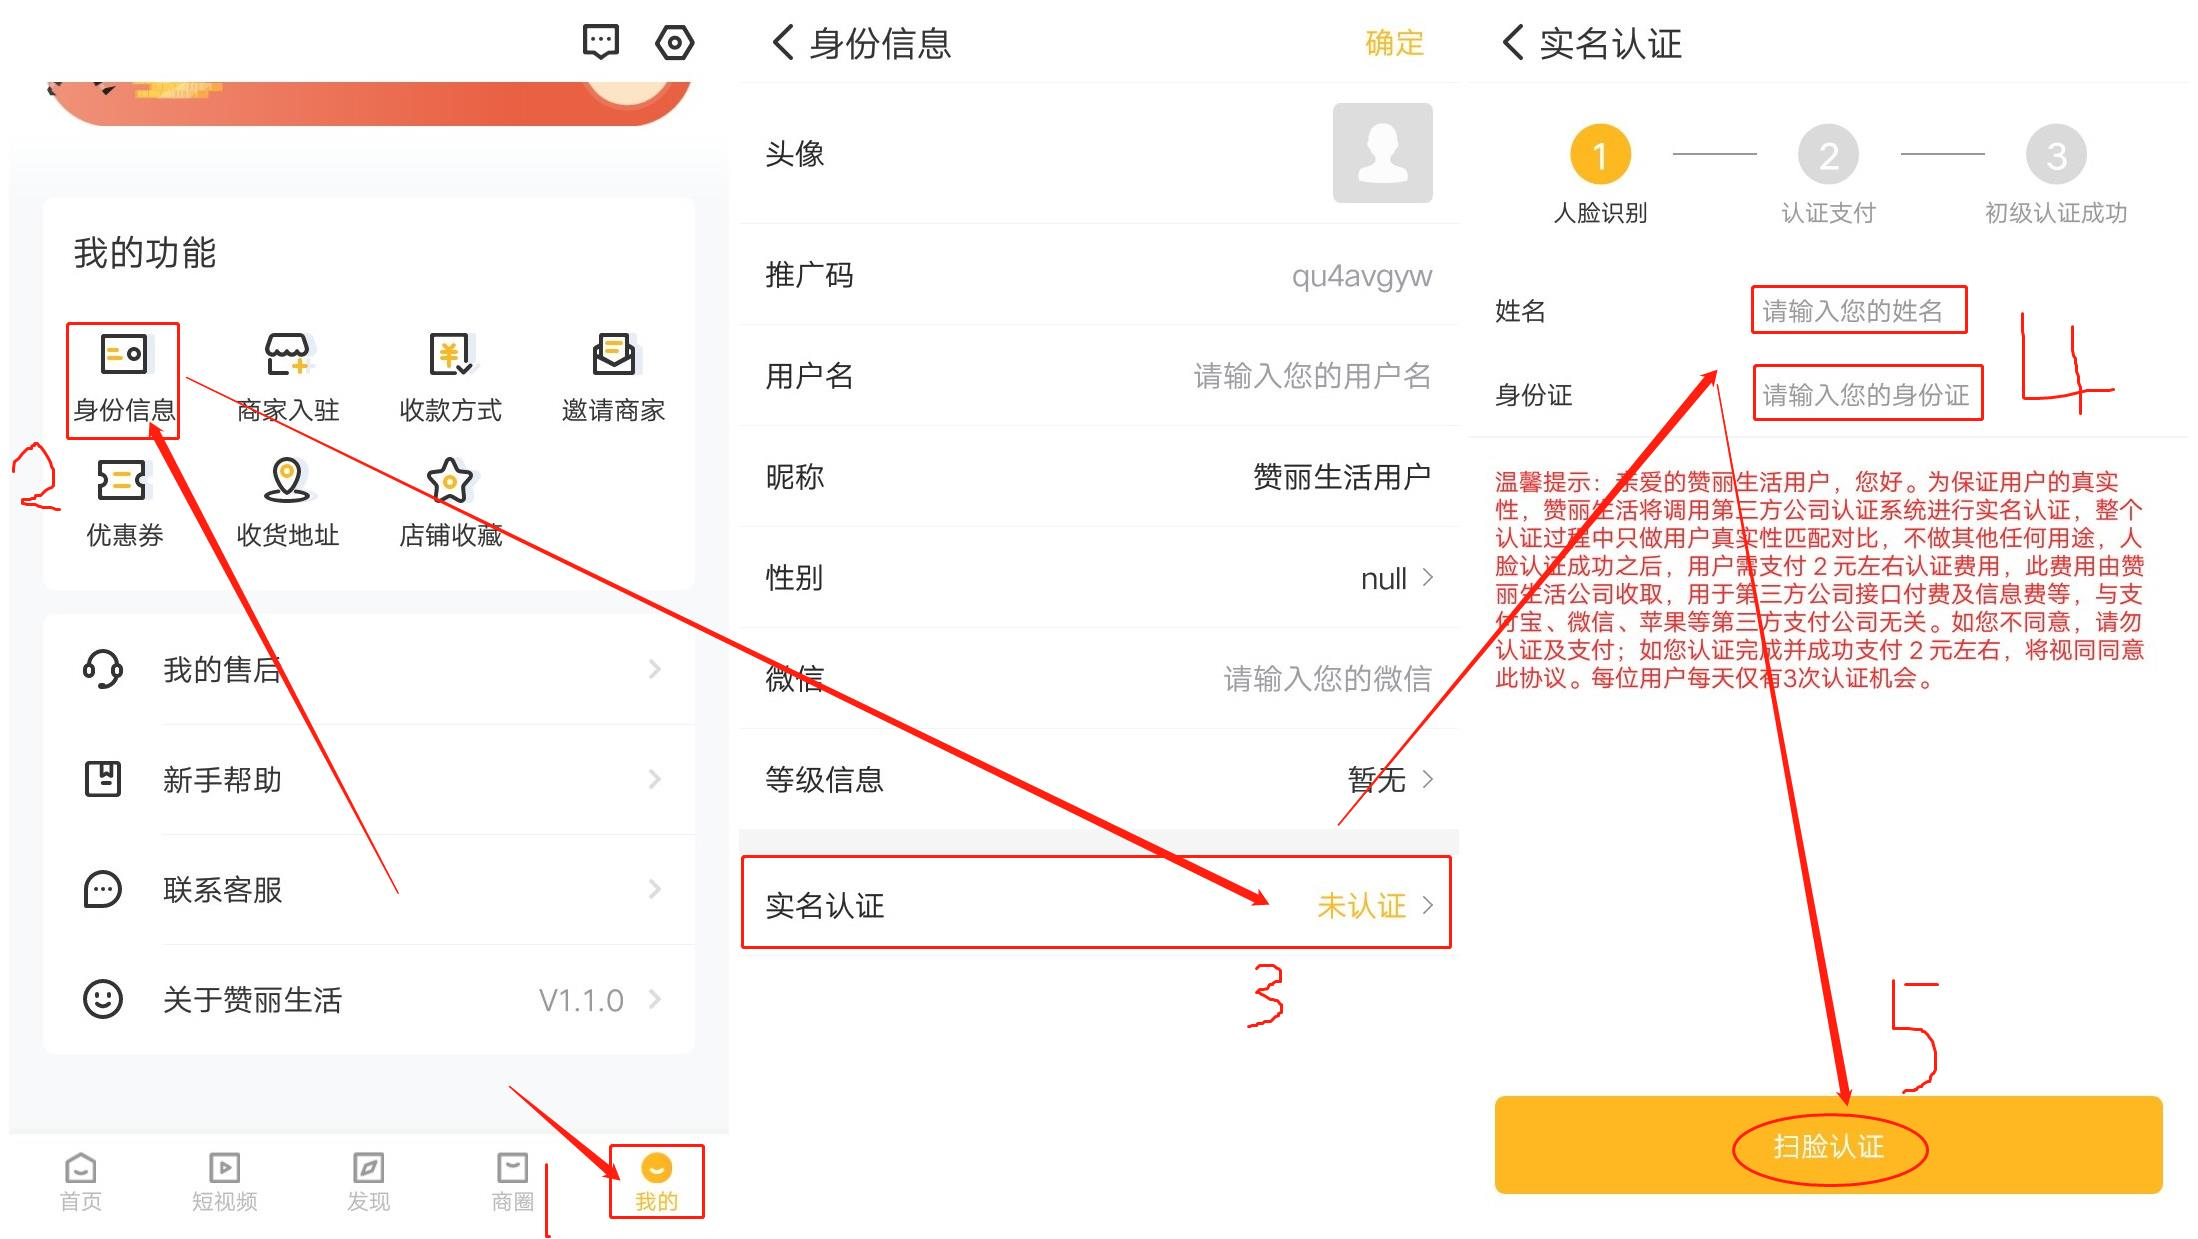 赞丽实名流程.jpg